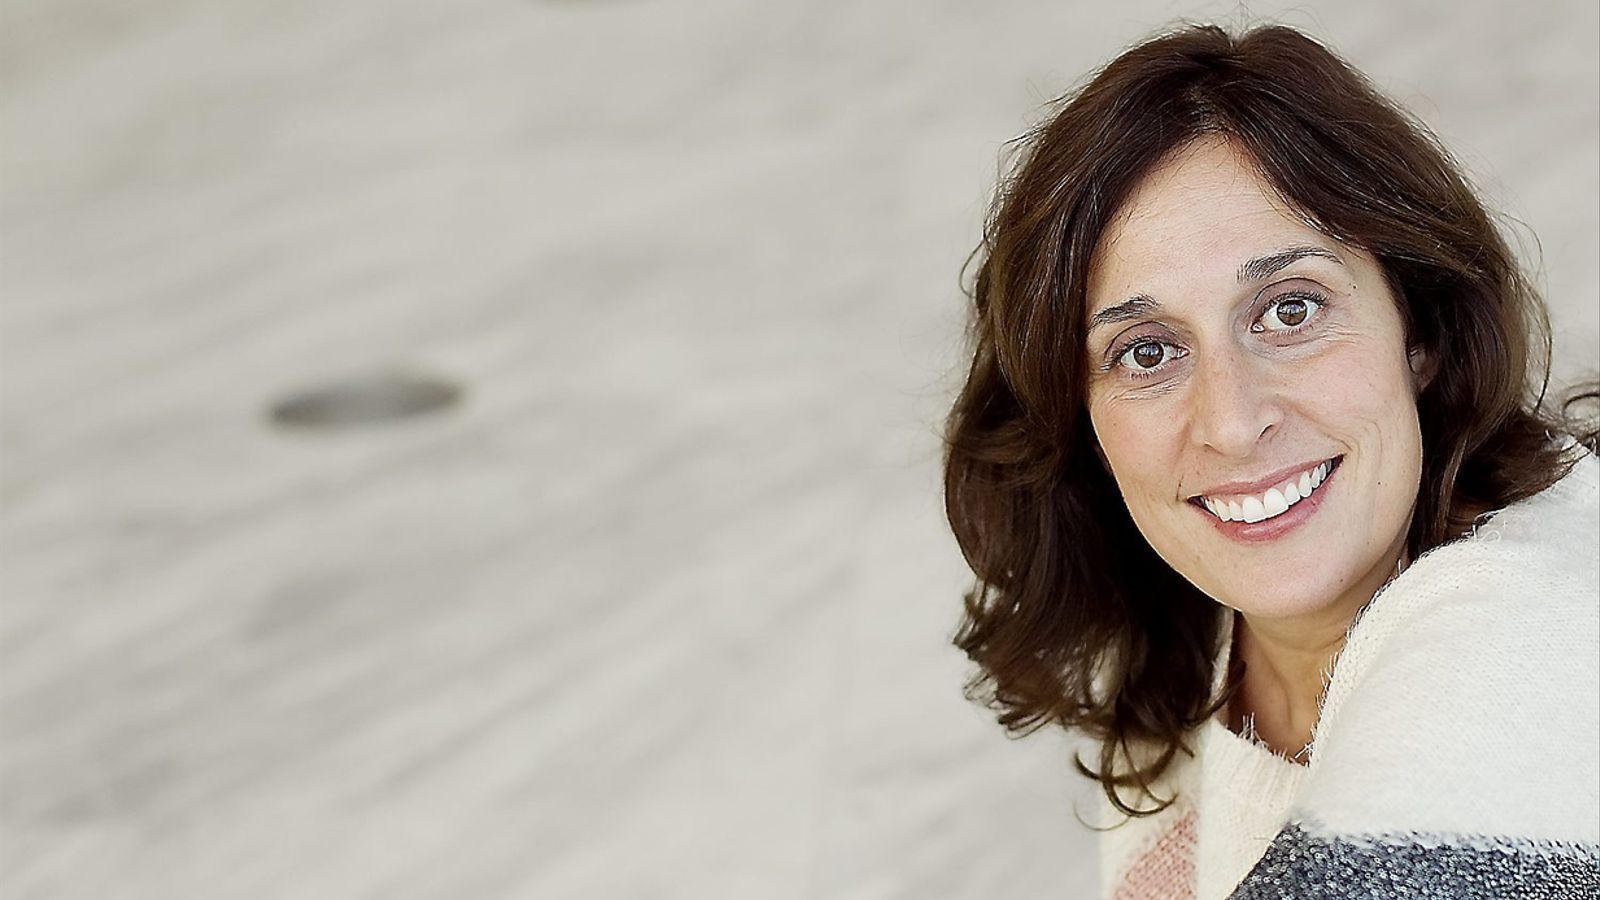 Clara Segura Nude Photos 42